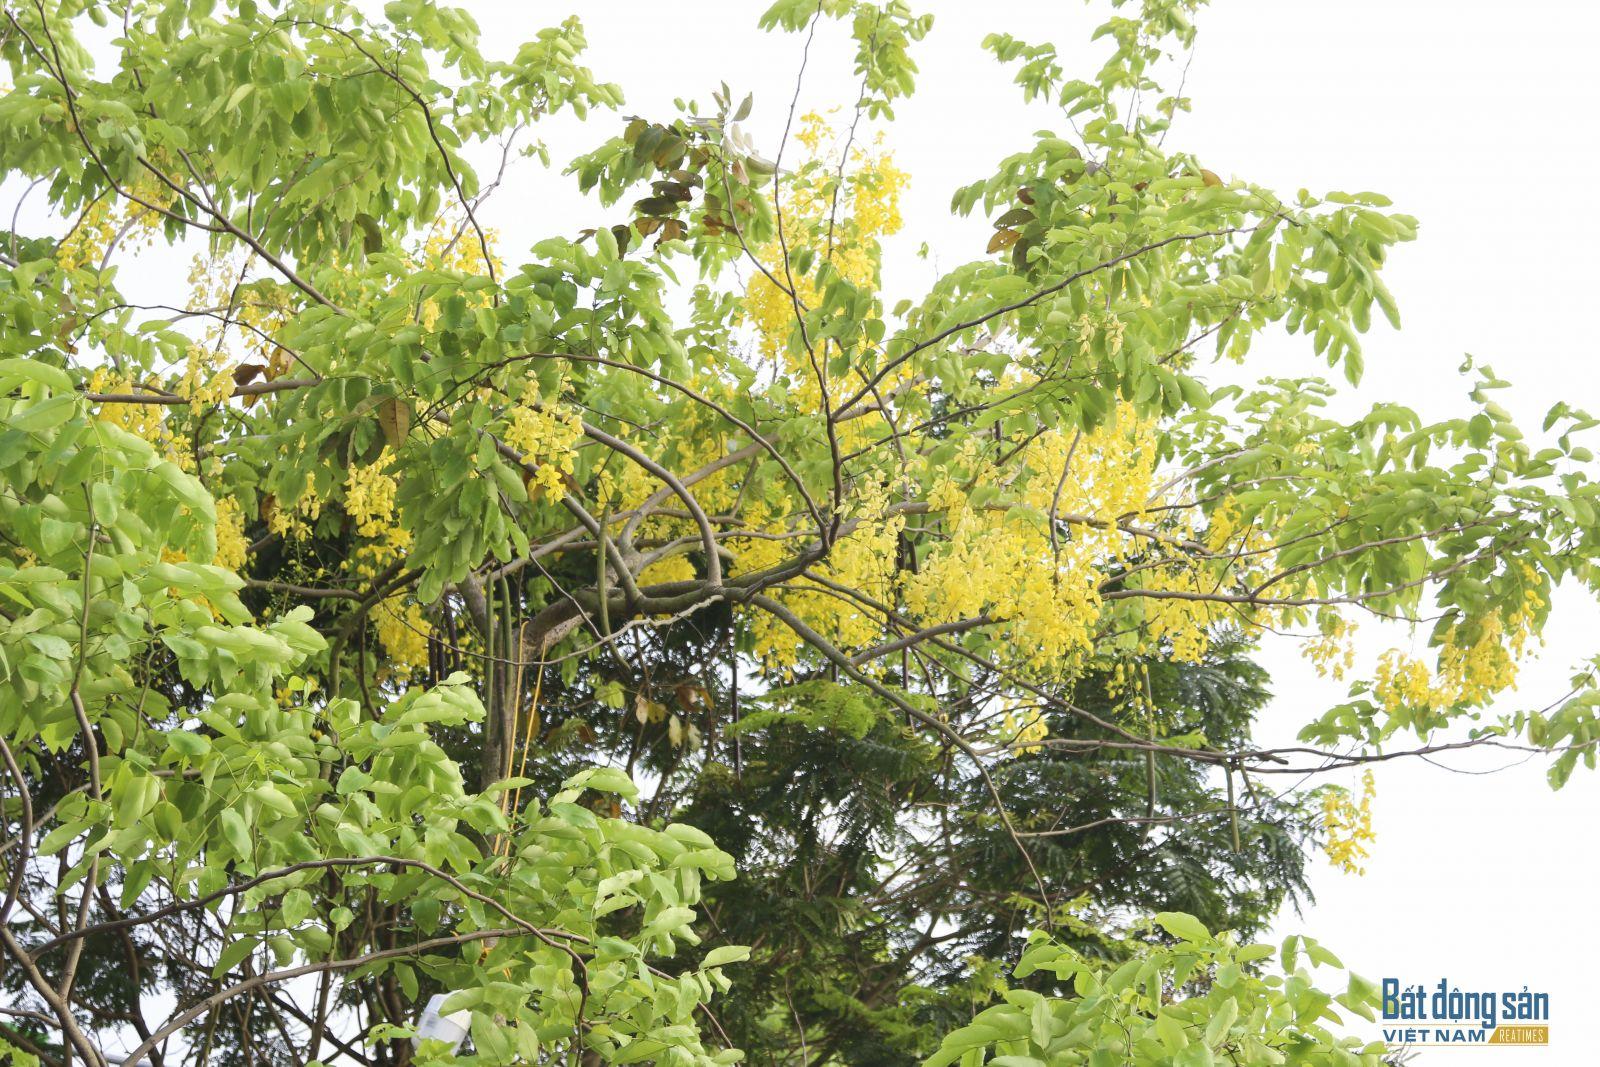 Muồng hoàng yến là quốc hoa của Thái Lan, tại đây nó được gọi là dok khuen; màu hoa vàng tượng trưng cho hoàng gia Thái. Loại hoa này cũng là biểu trưng của bangKeral (Ấn Độ), được gọi là kanikkonna.